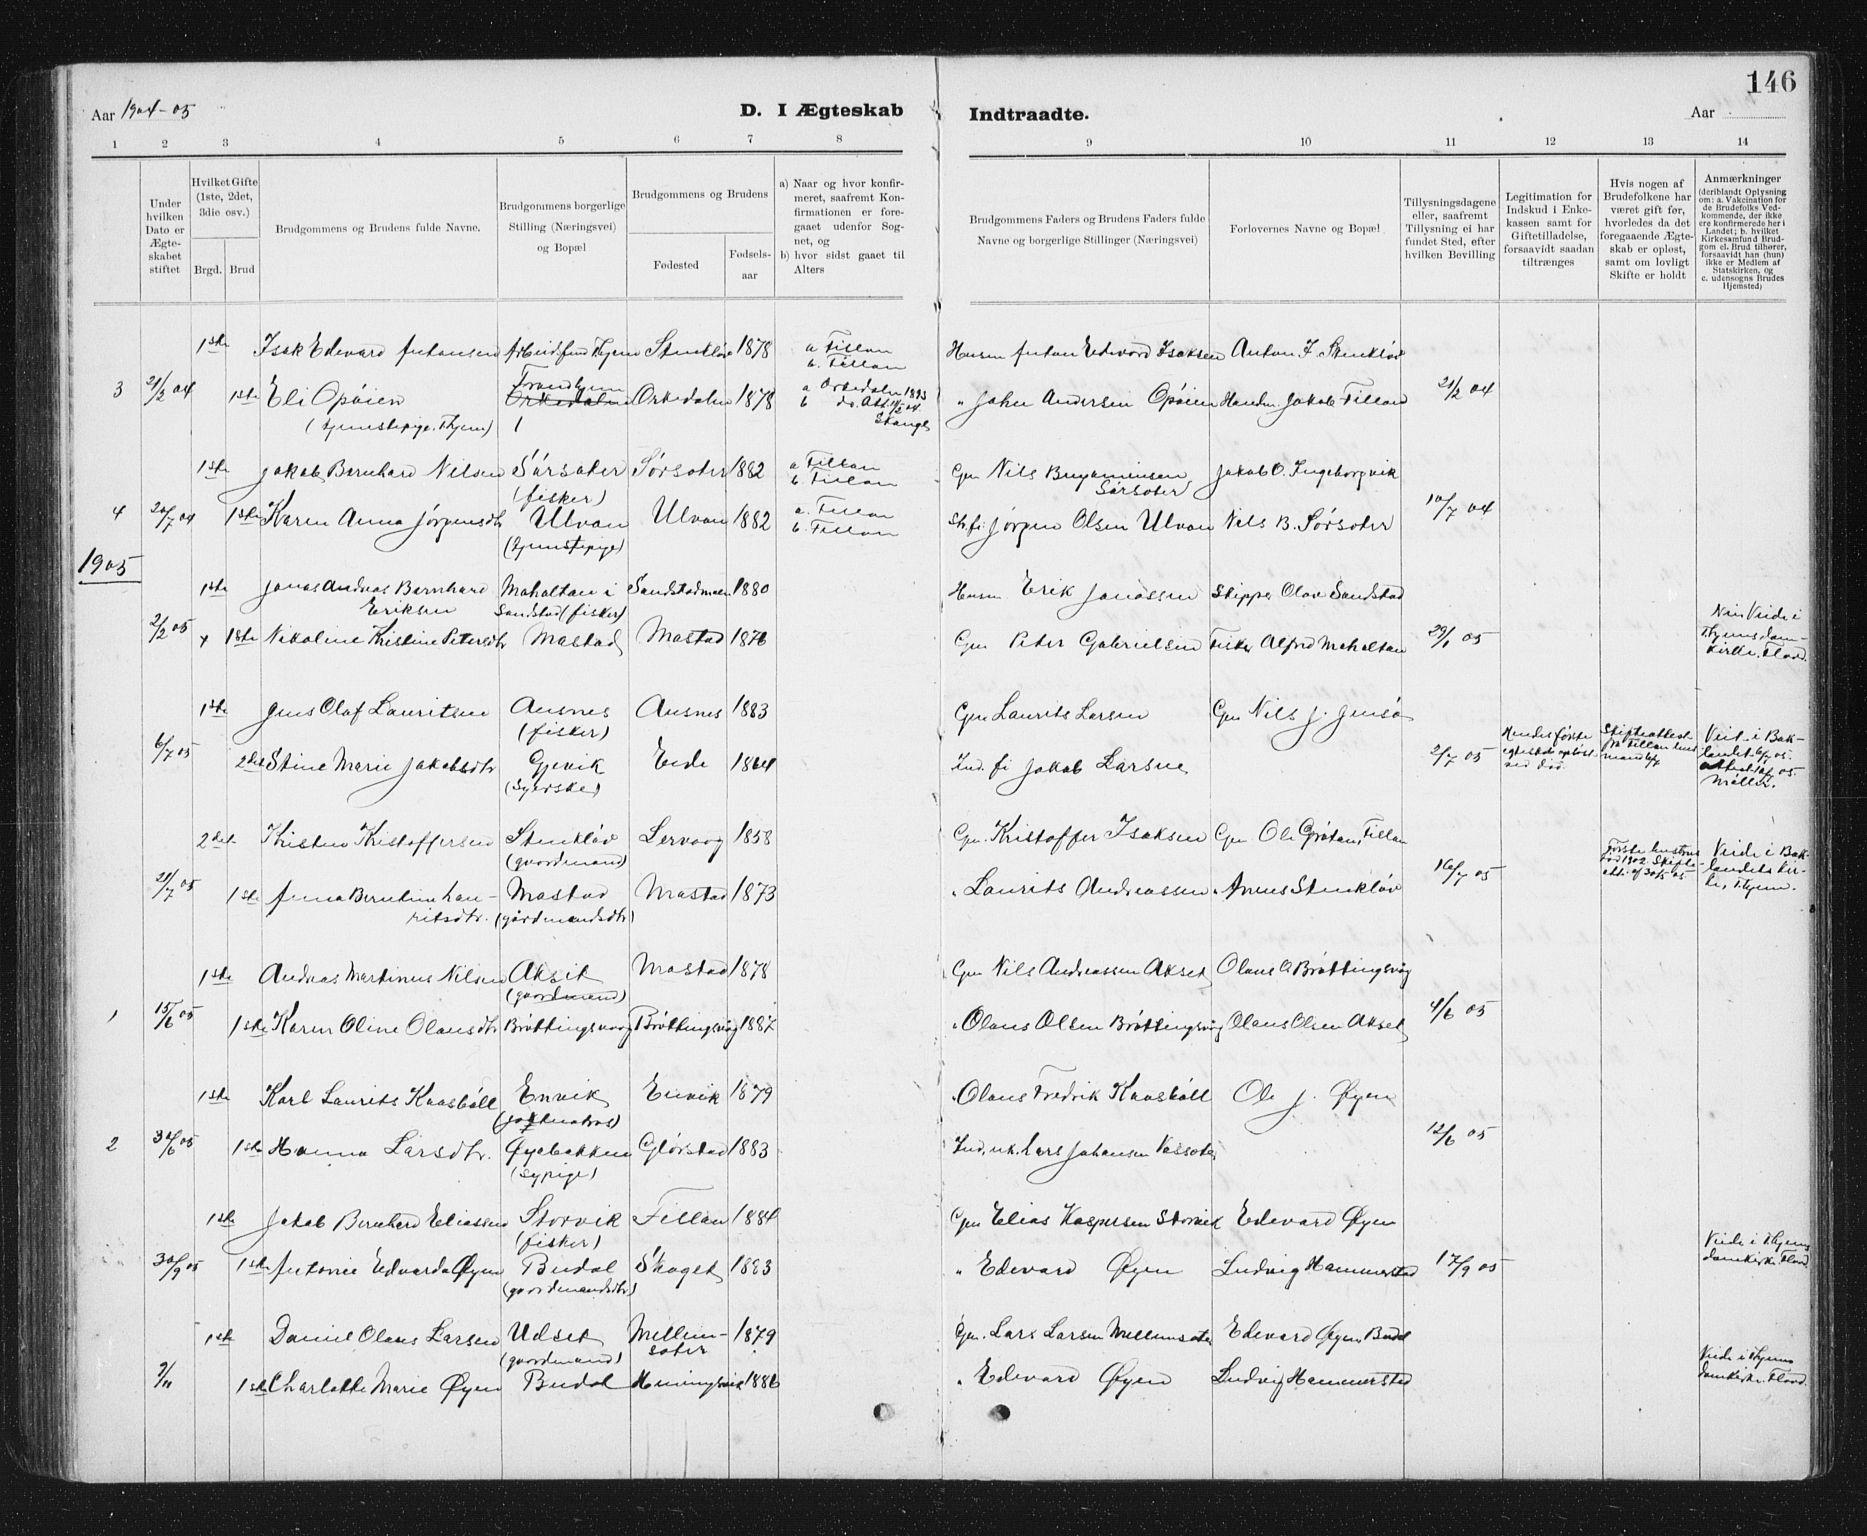 SAT, Ministerialprotokoller, klokkerbøker og fødselsregistre - Sør-Trøndelag, 637/L0563: Klokkerbok nr. 637C04, 1899-1940, s. 146